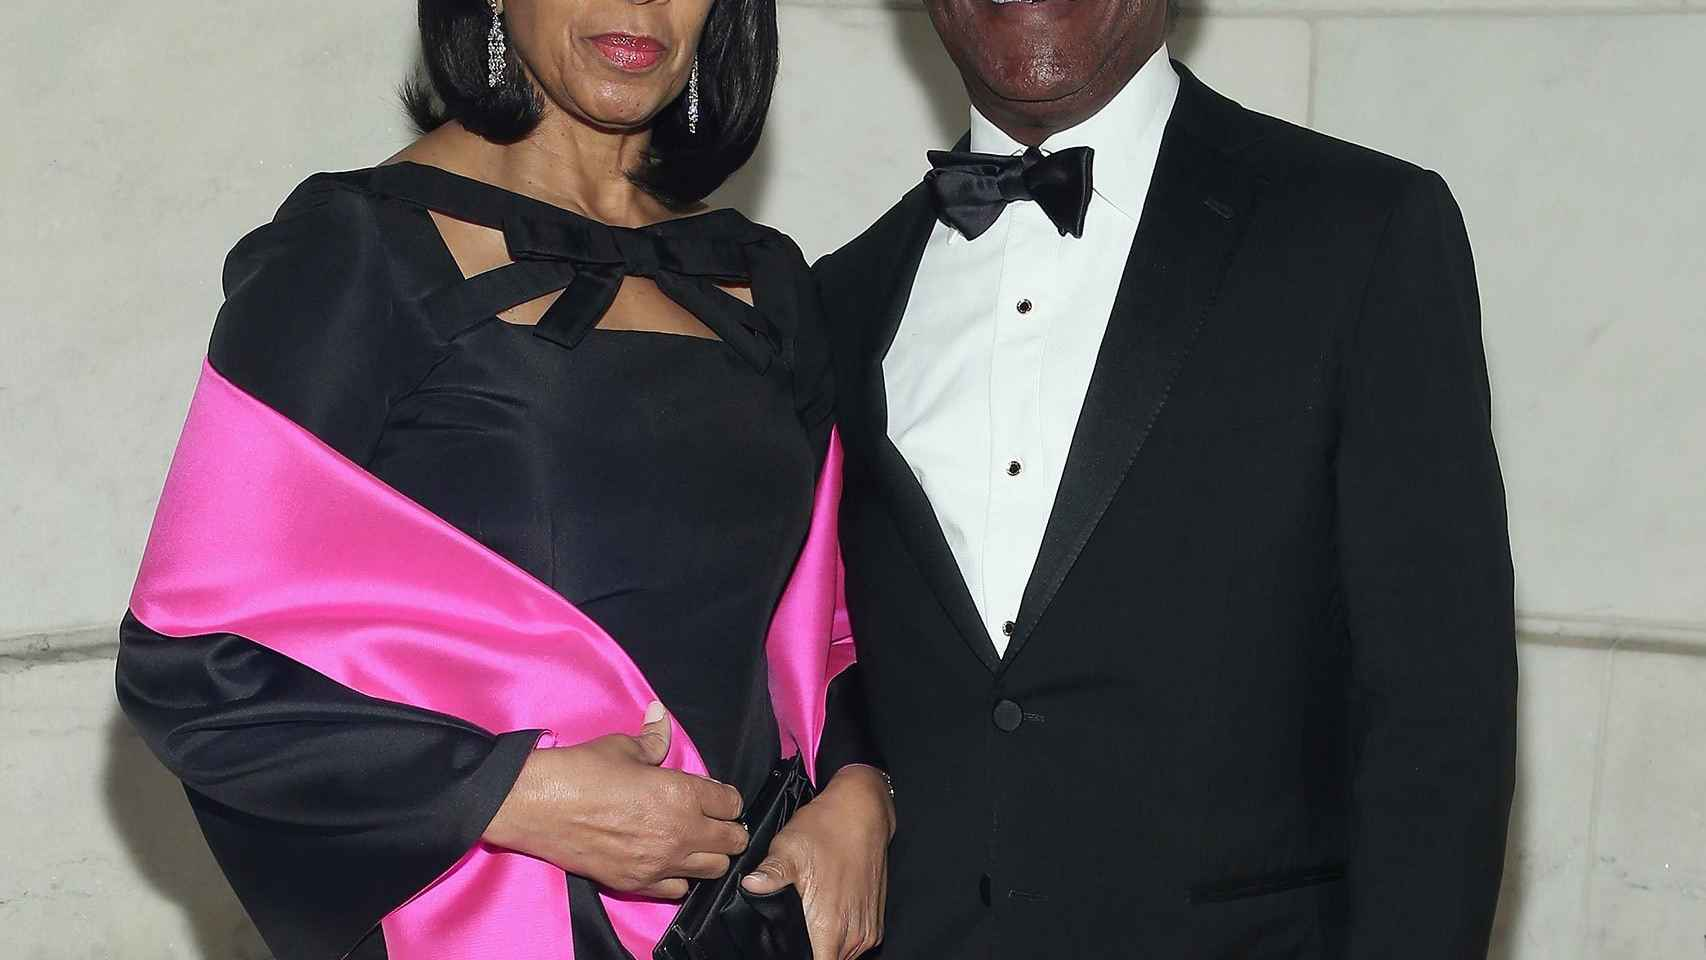 El presidente del fondo GIP, Adebayo Ogunlesi, y su esposa Amelia.